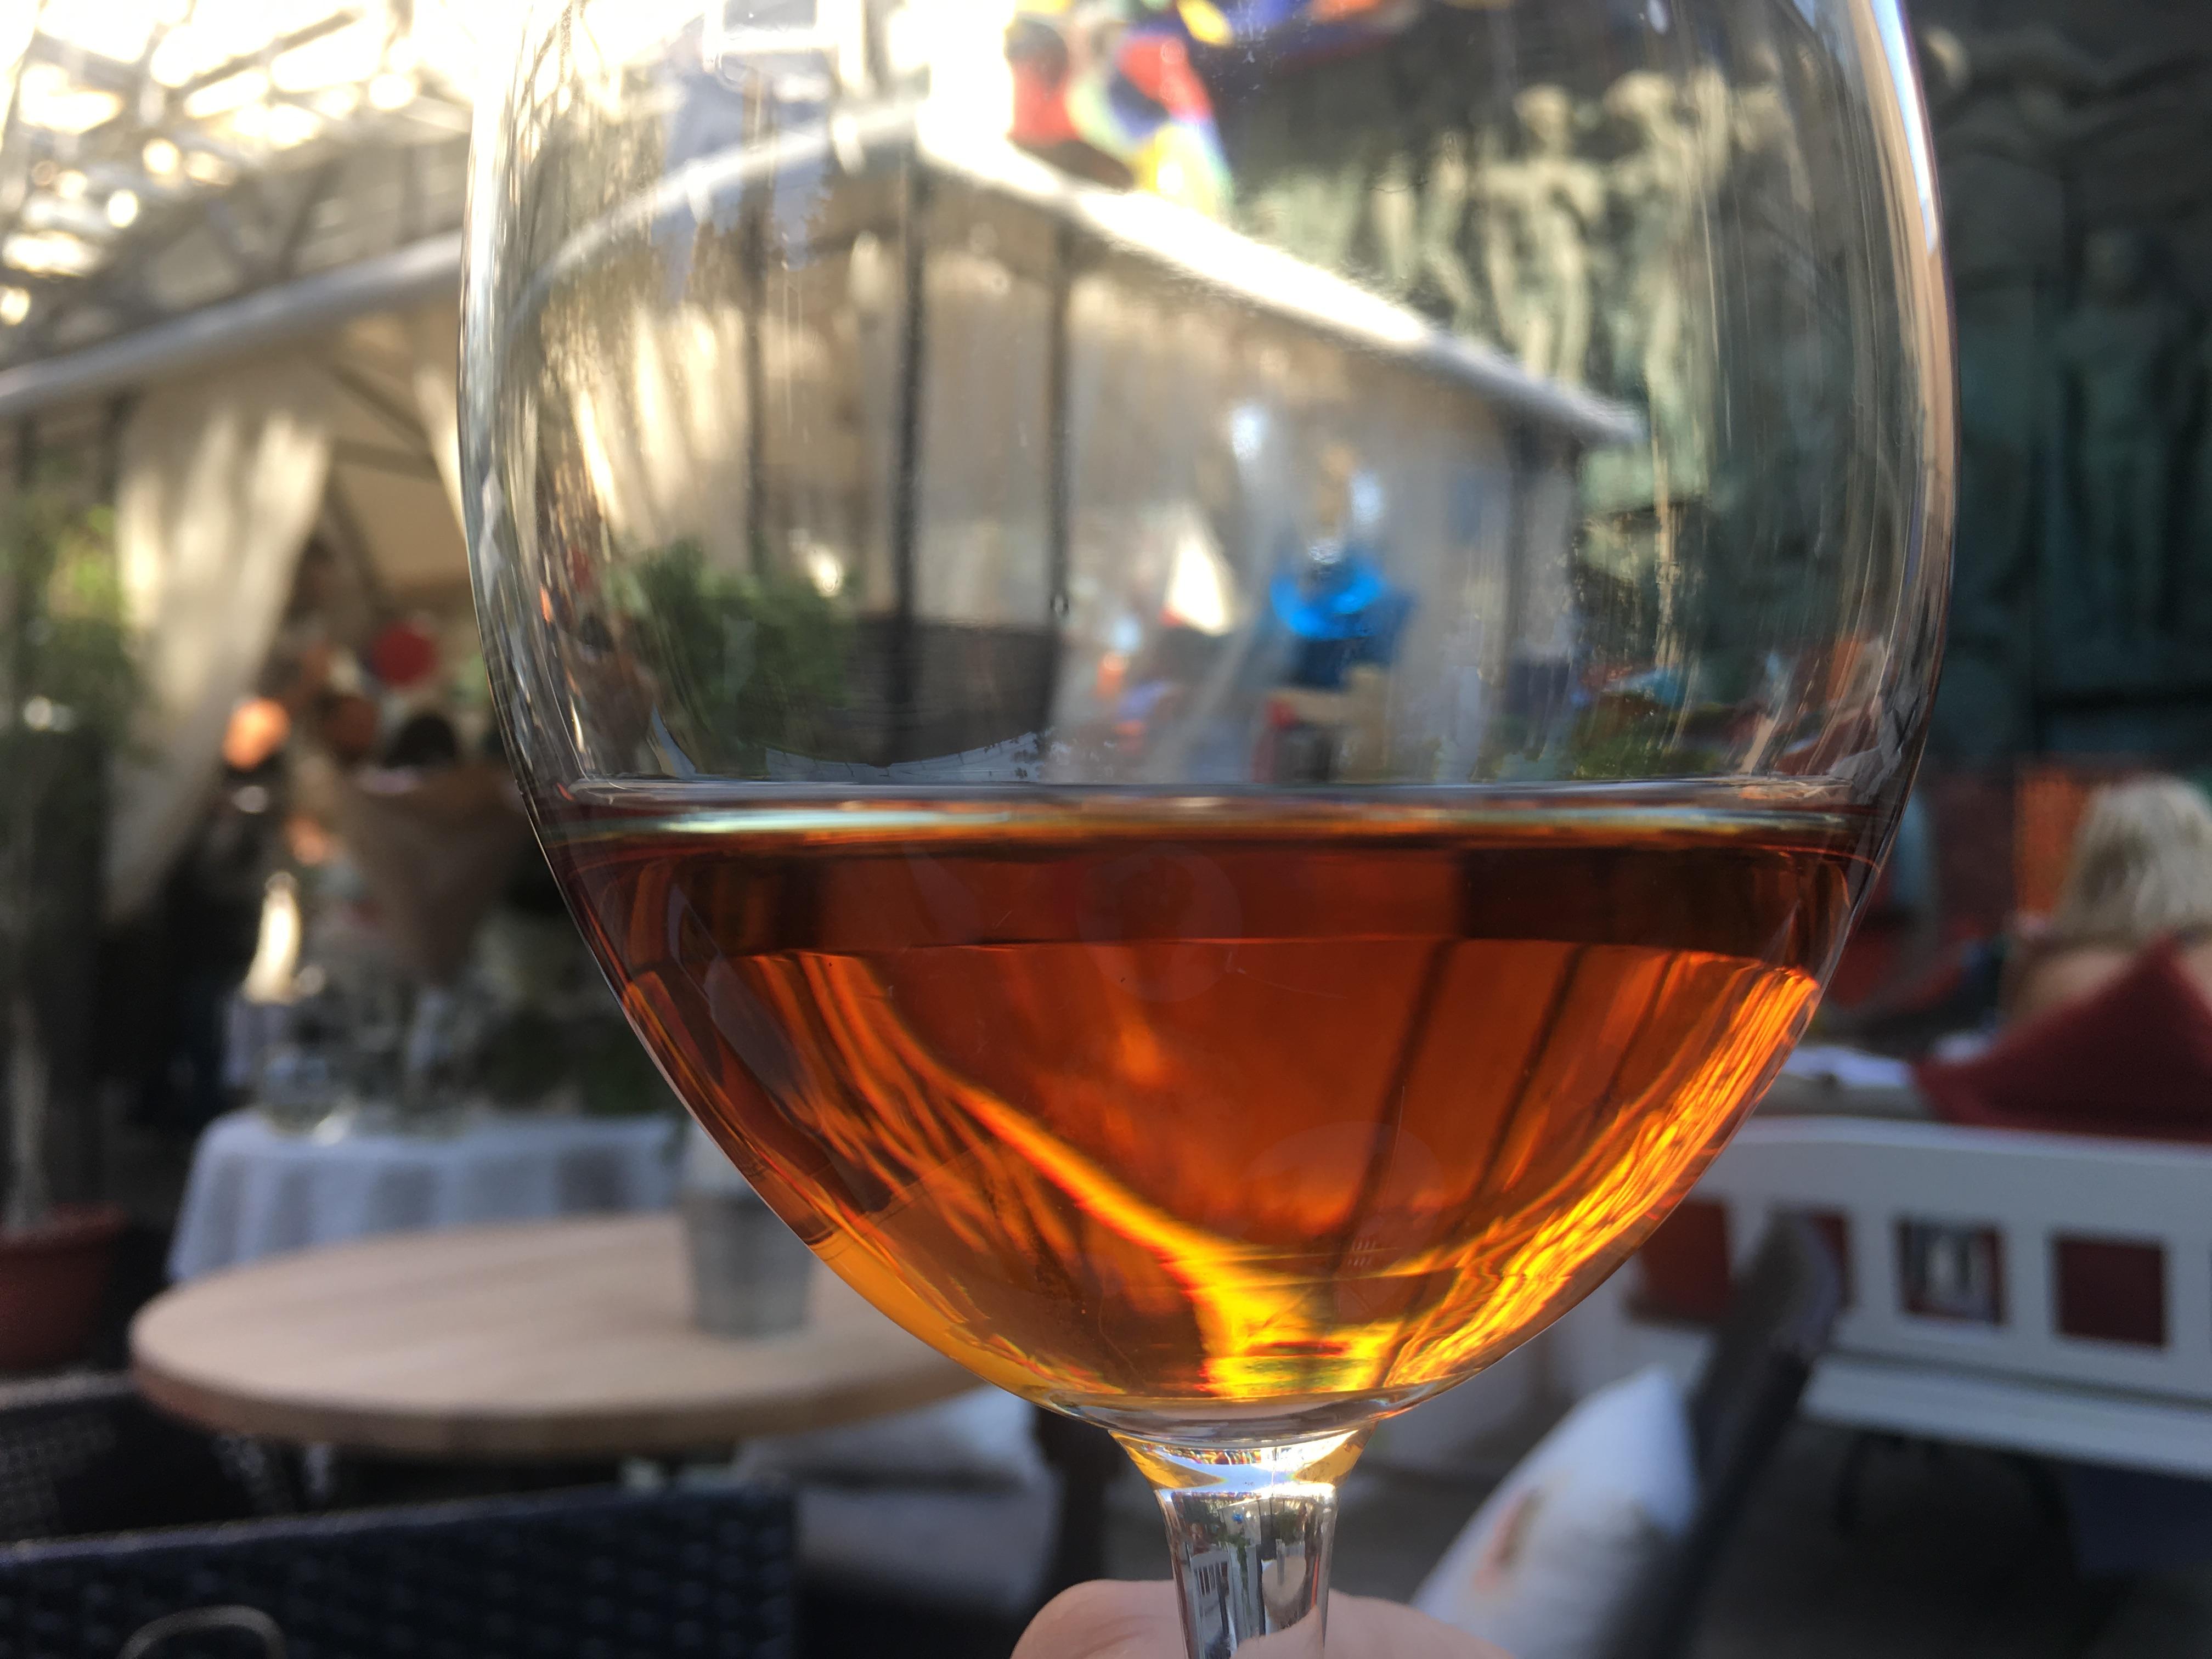 грузинское белое вино квеври qvevri кахури пейзажи природы Альберт Сафиуллин